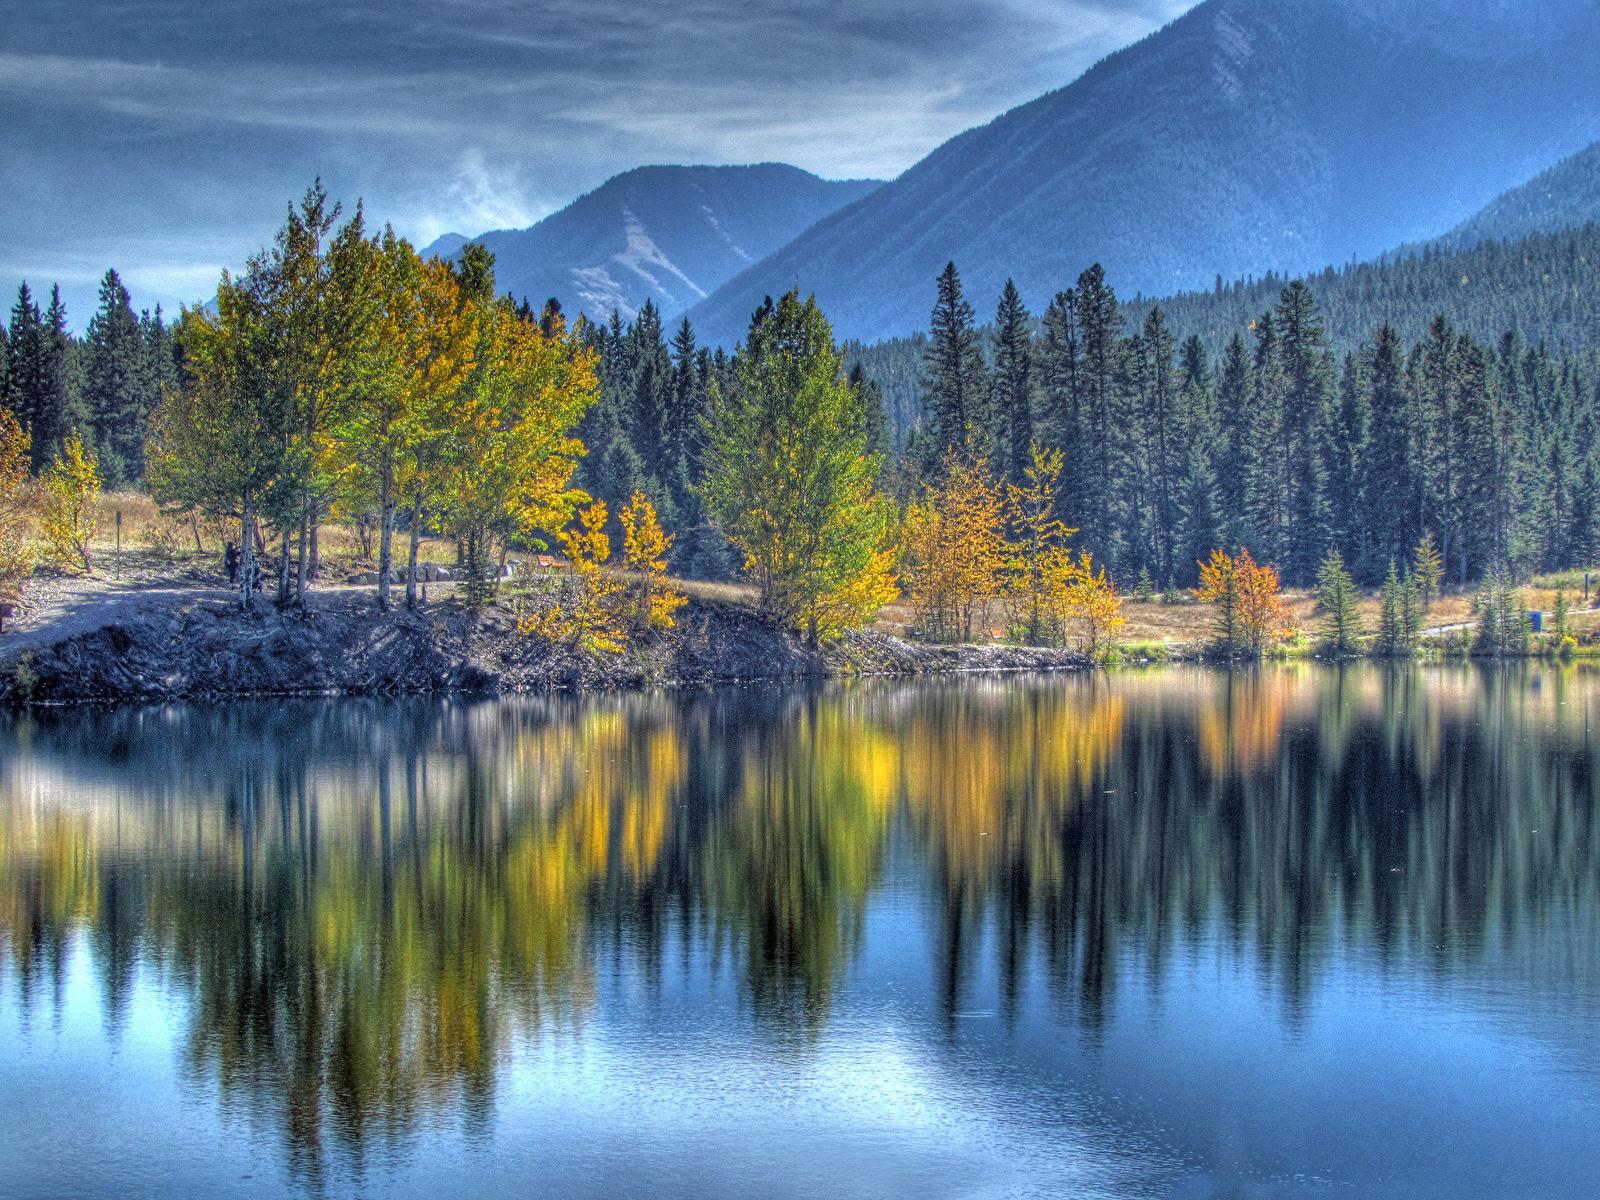 Фотография Канада canmore alberta HDRI Горы Осень Природа лес Озеро Пейзаж дерева 1600x1200 HDR гора осенние Леса дерево Деревья деревьев